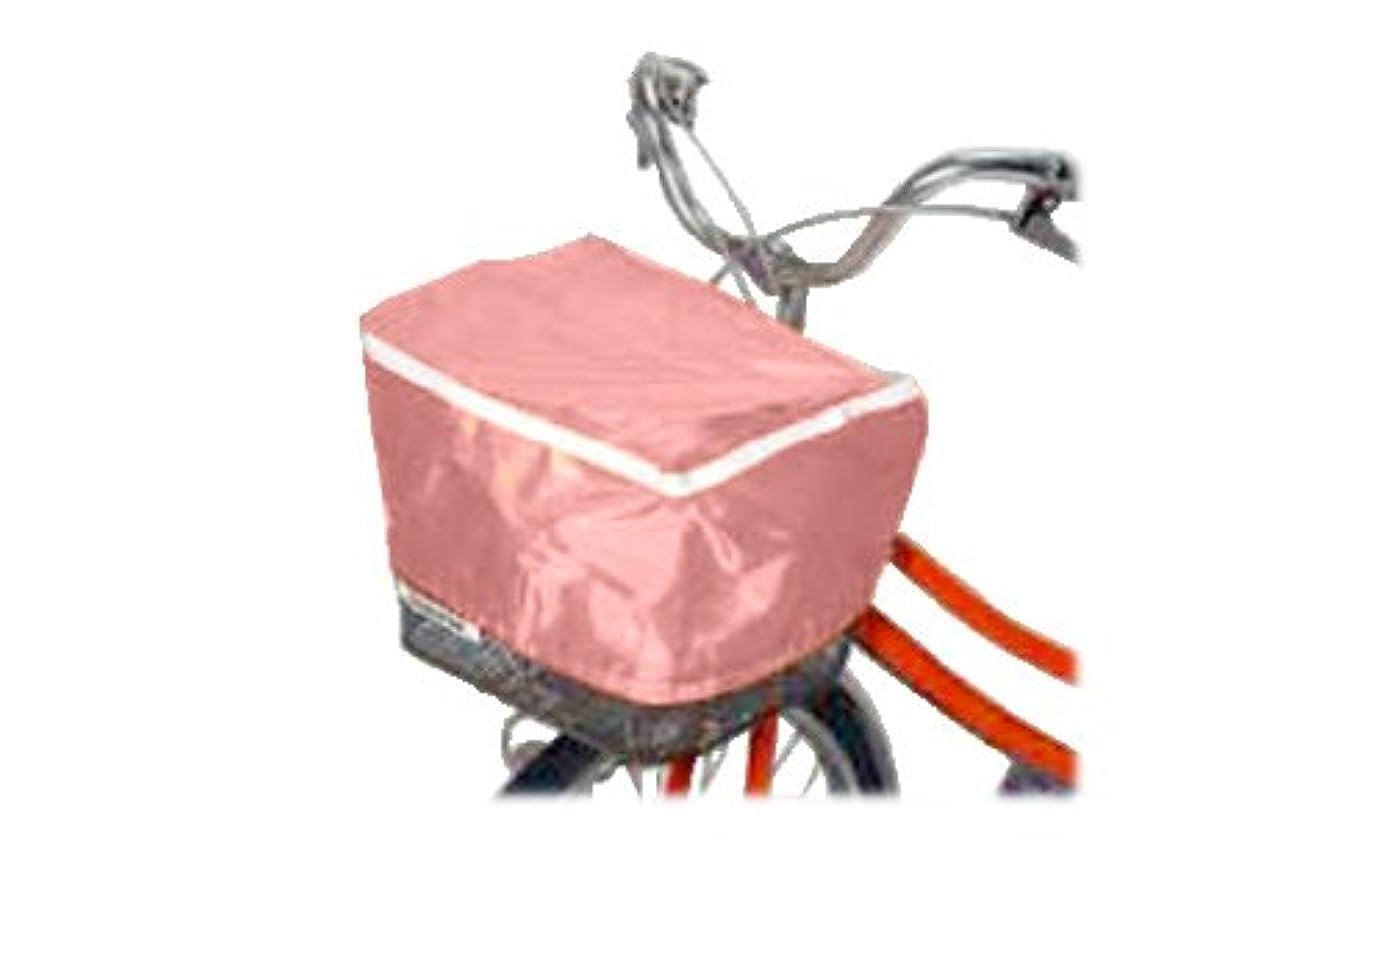 収縮鳴らすまた明日ねエスパック(S-PACK) 自転車カゴセーフティカバー M ピンク